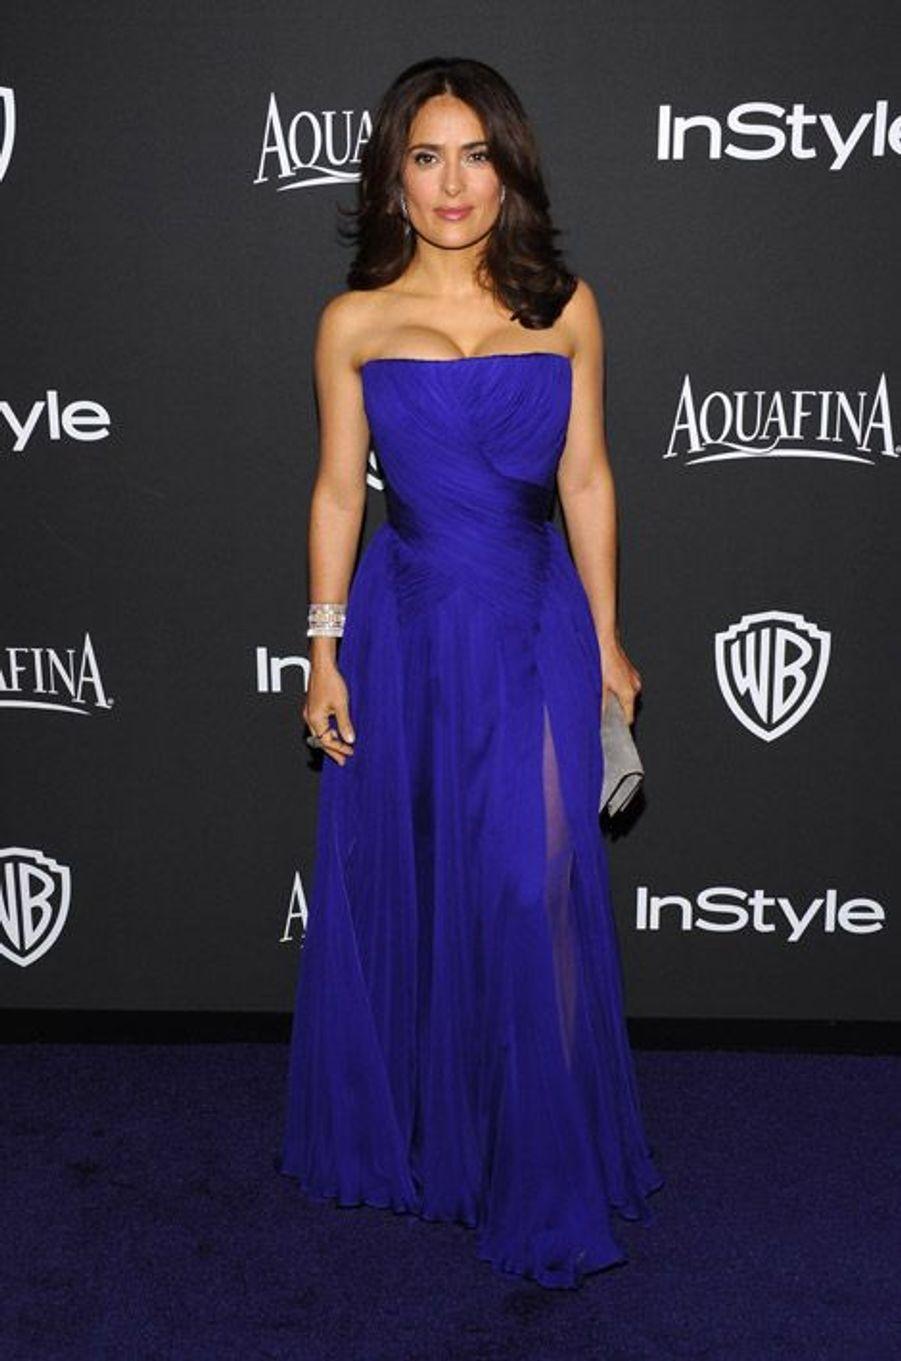 Salma Hayek en Gucci Premiere à la soirée InStyle organisée avant les Golden Globes, le 11 janvier 2015